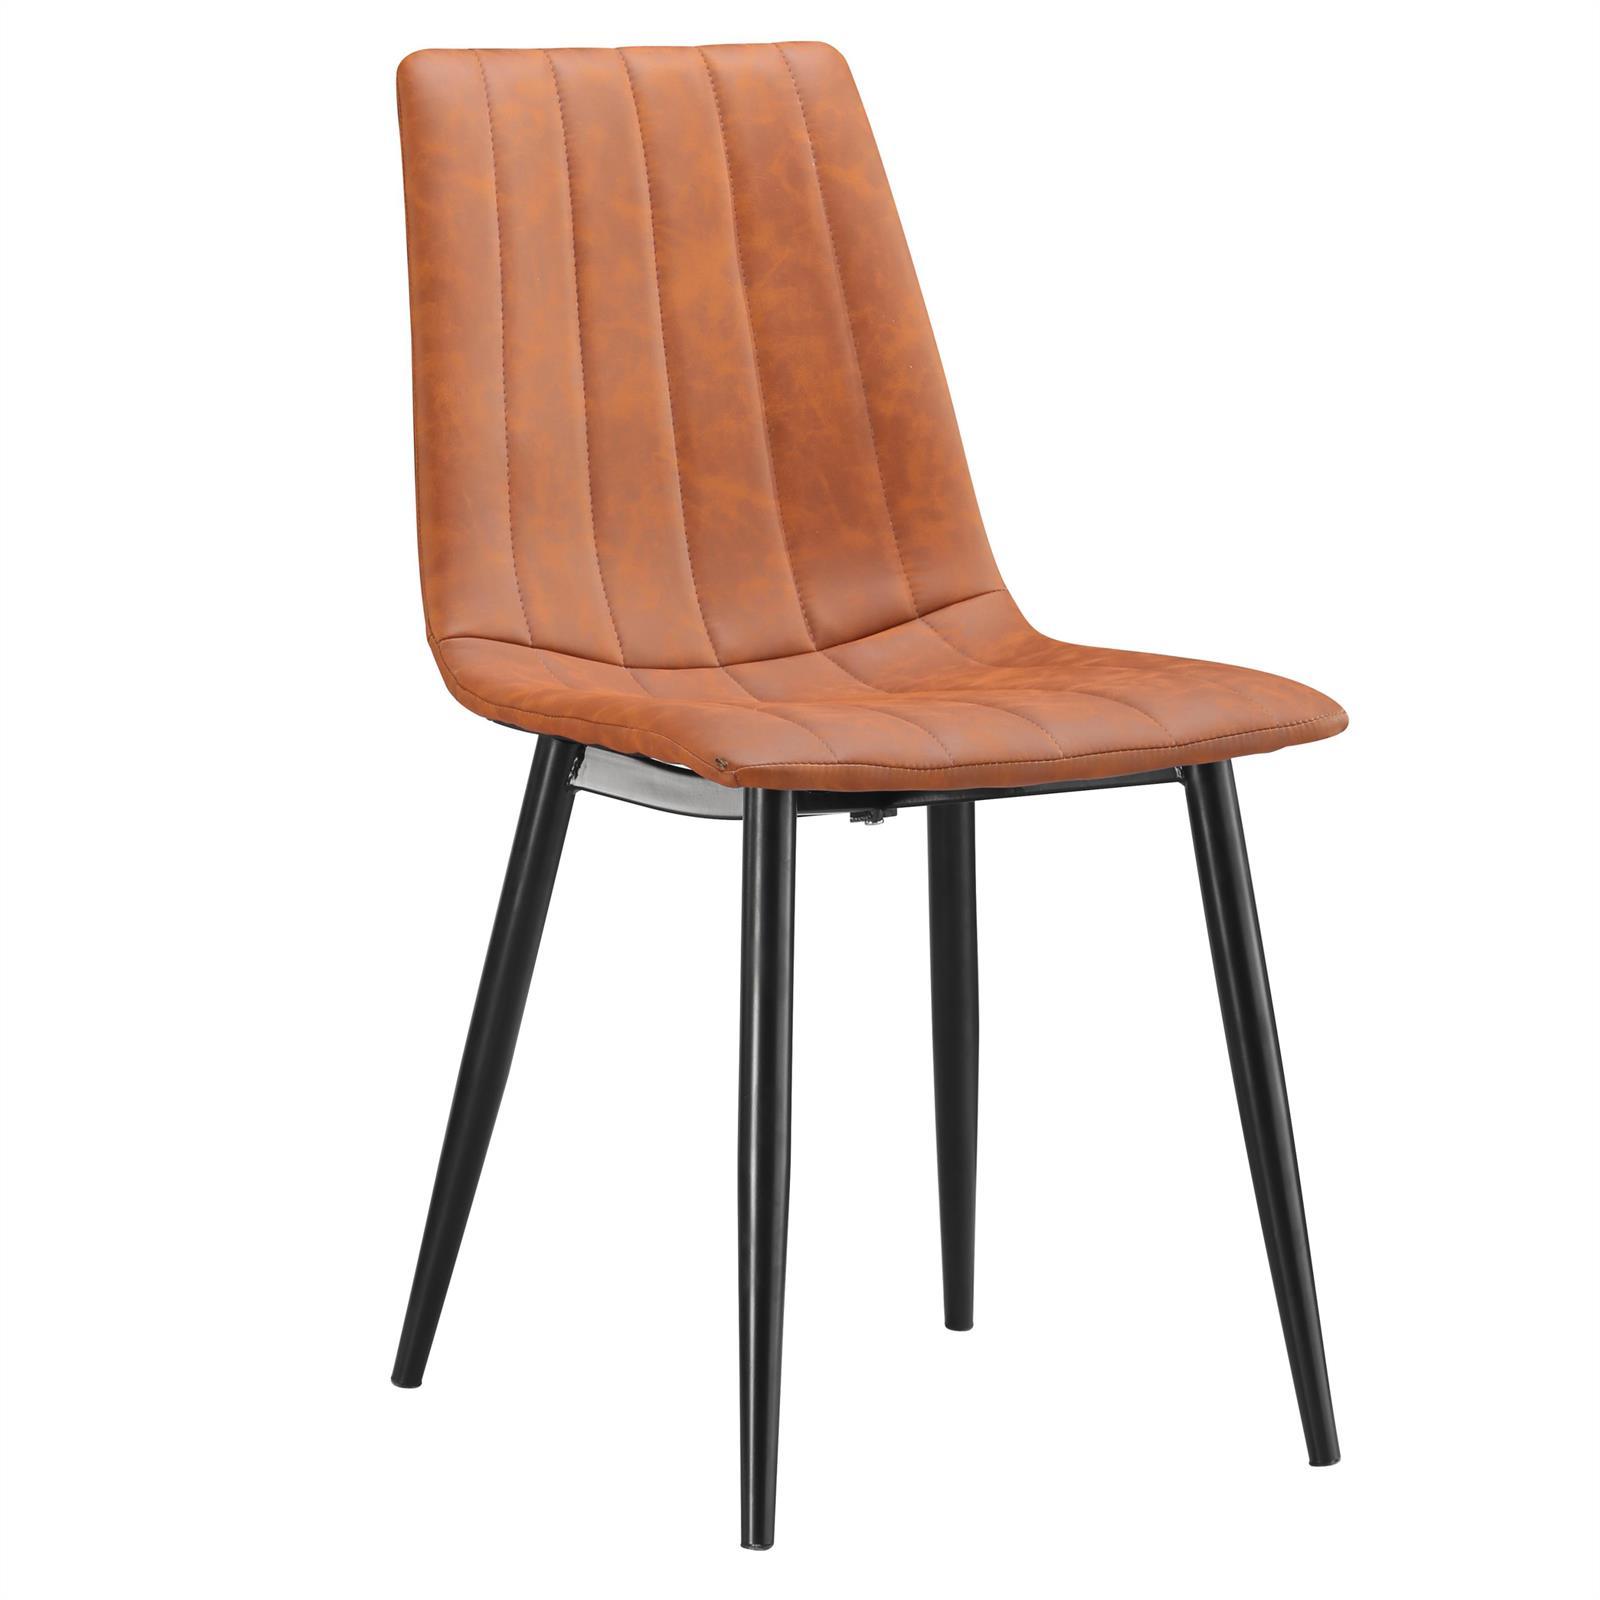 esszimmerstuhl 4er set k chen polsterstuhl design retro. Black Bedroom Furniture Sets. Home Design Ideas